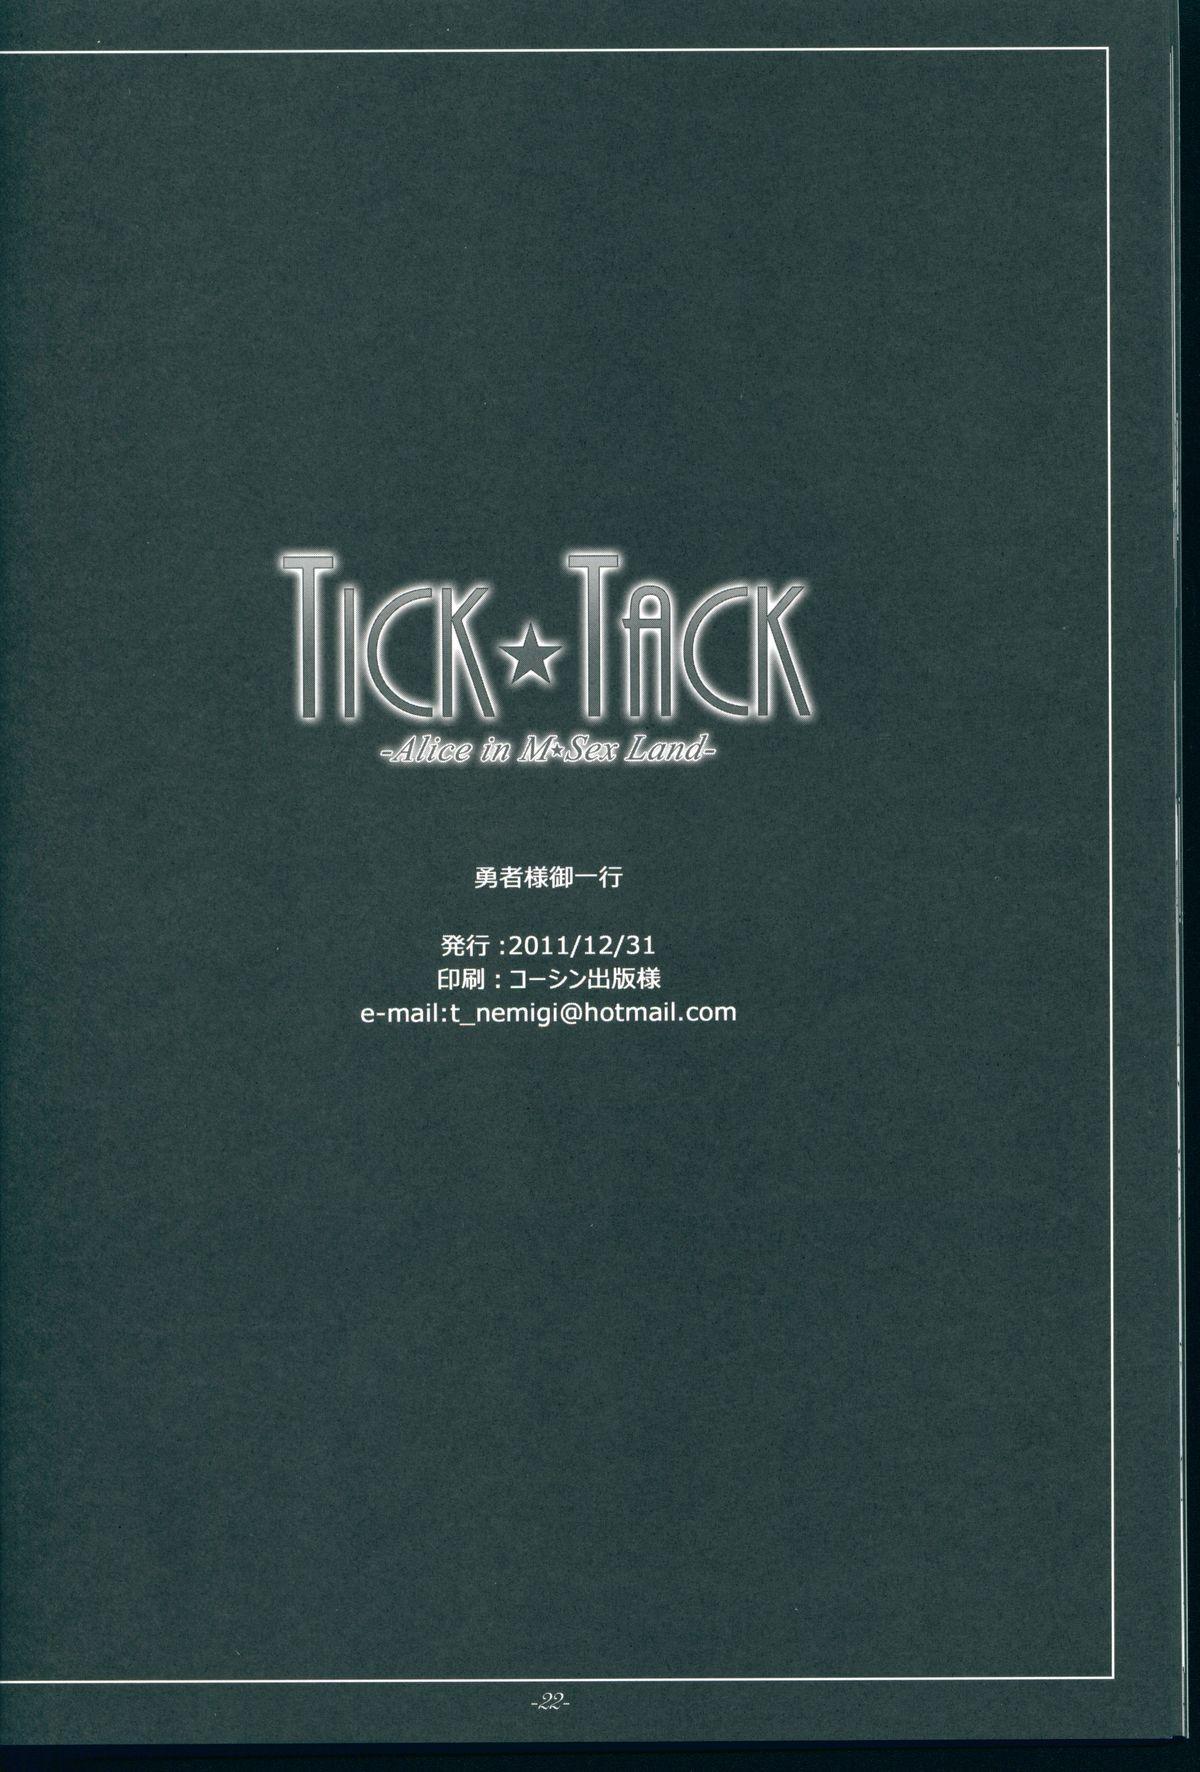 TICK☆TACK 21